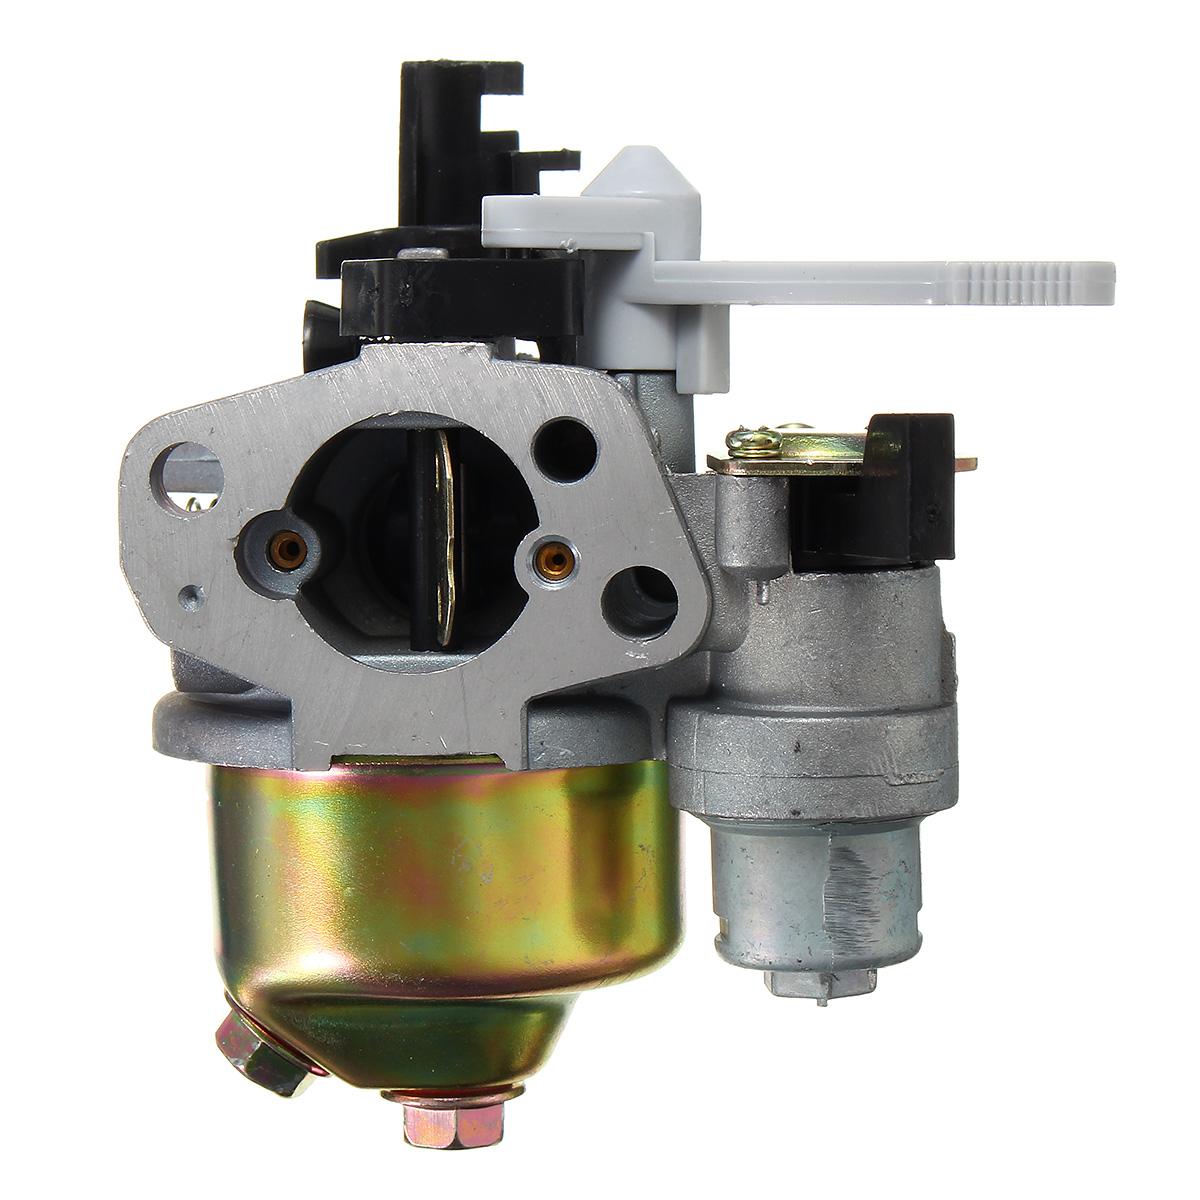 Прокладка фильтра карбюратора Масло Труба Набор Для Honda GX160 5.5HP GX200 16100-ZH8-W61 - фото 3